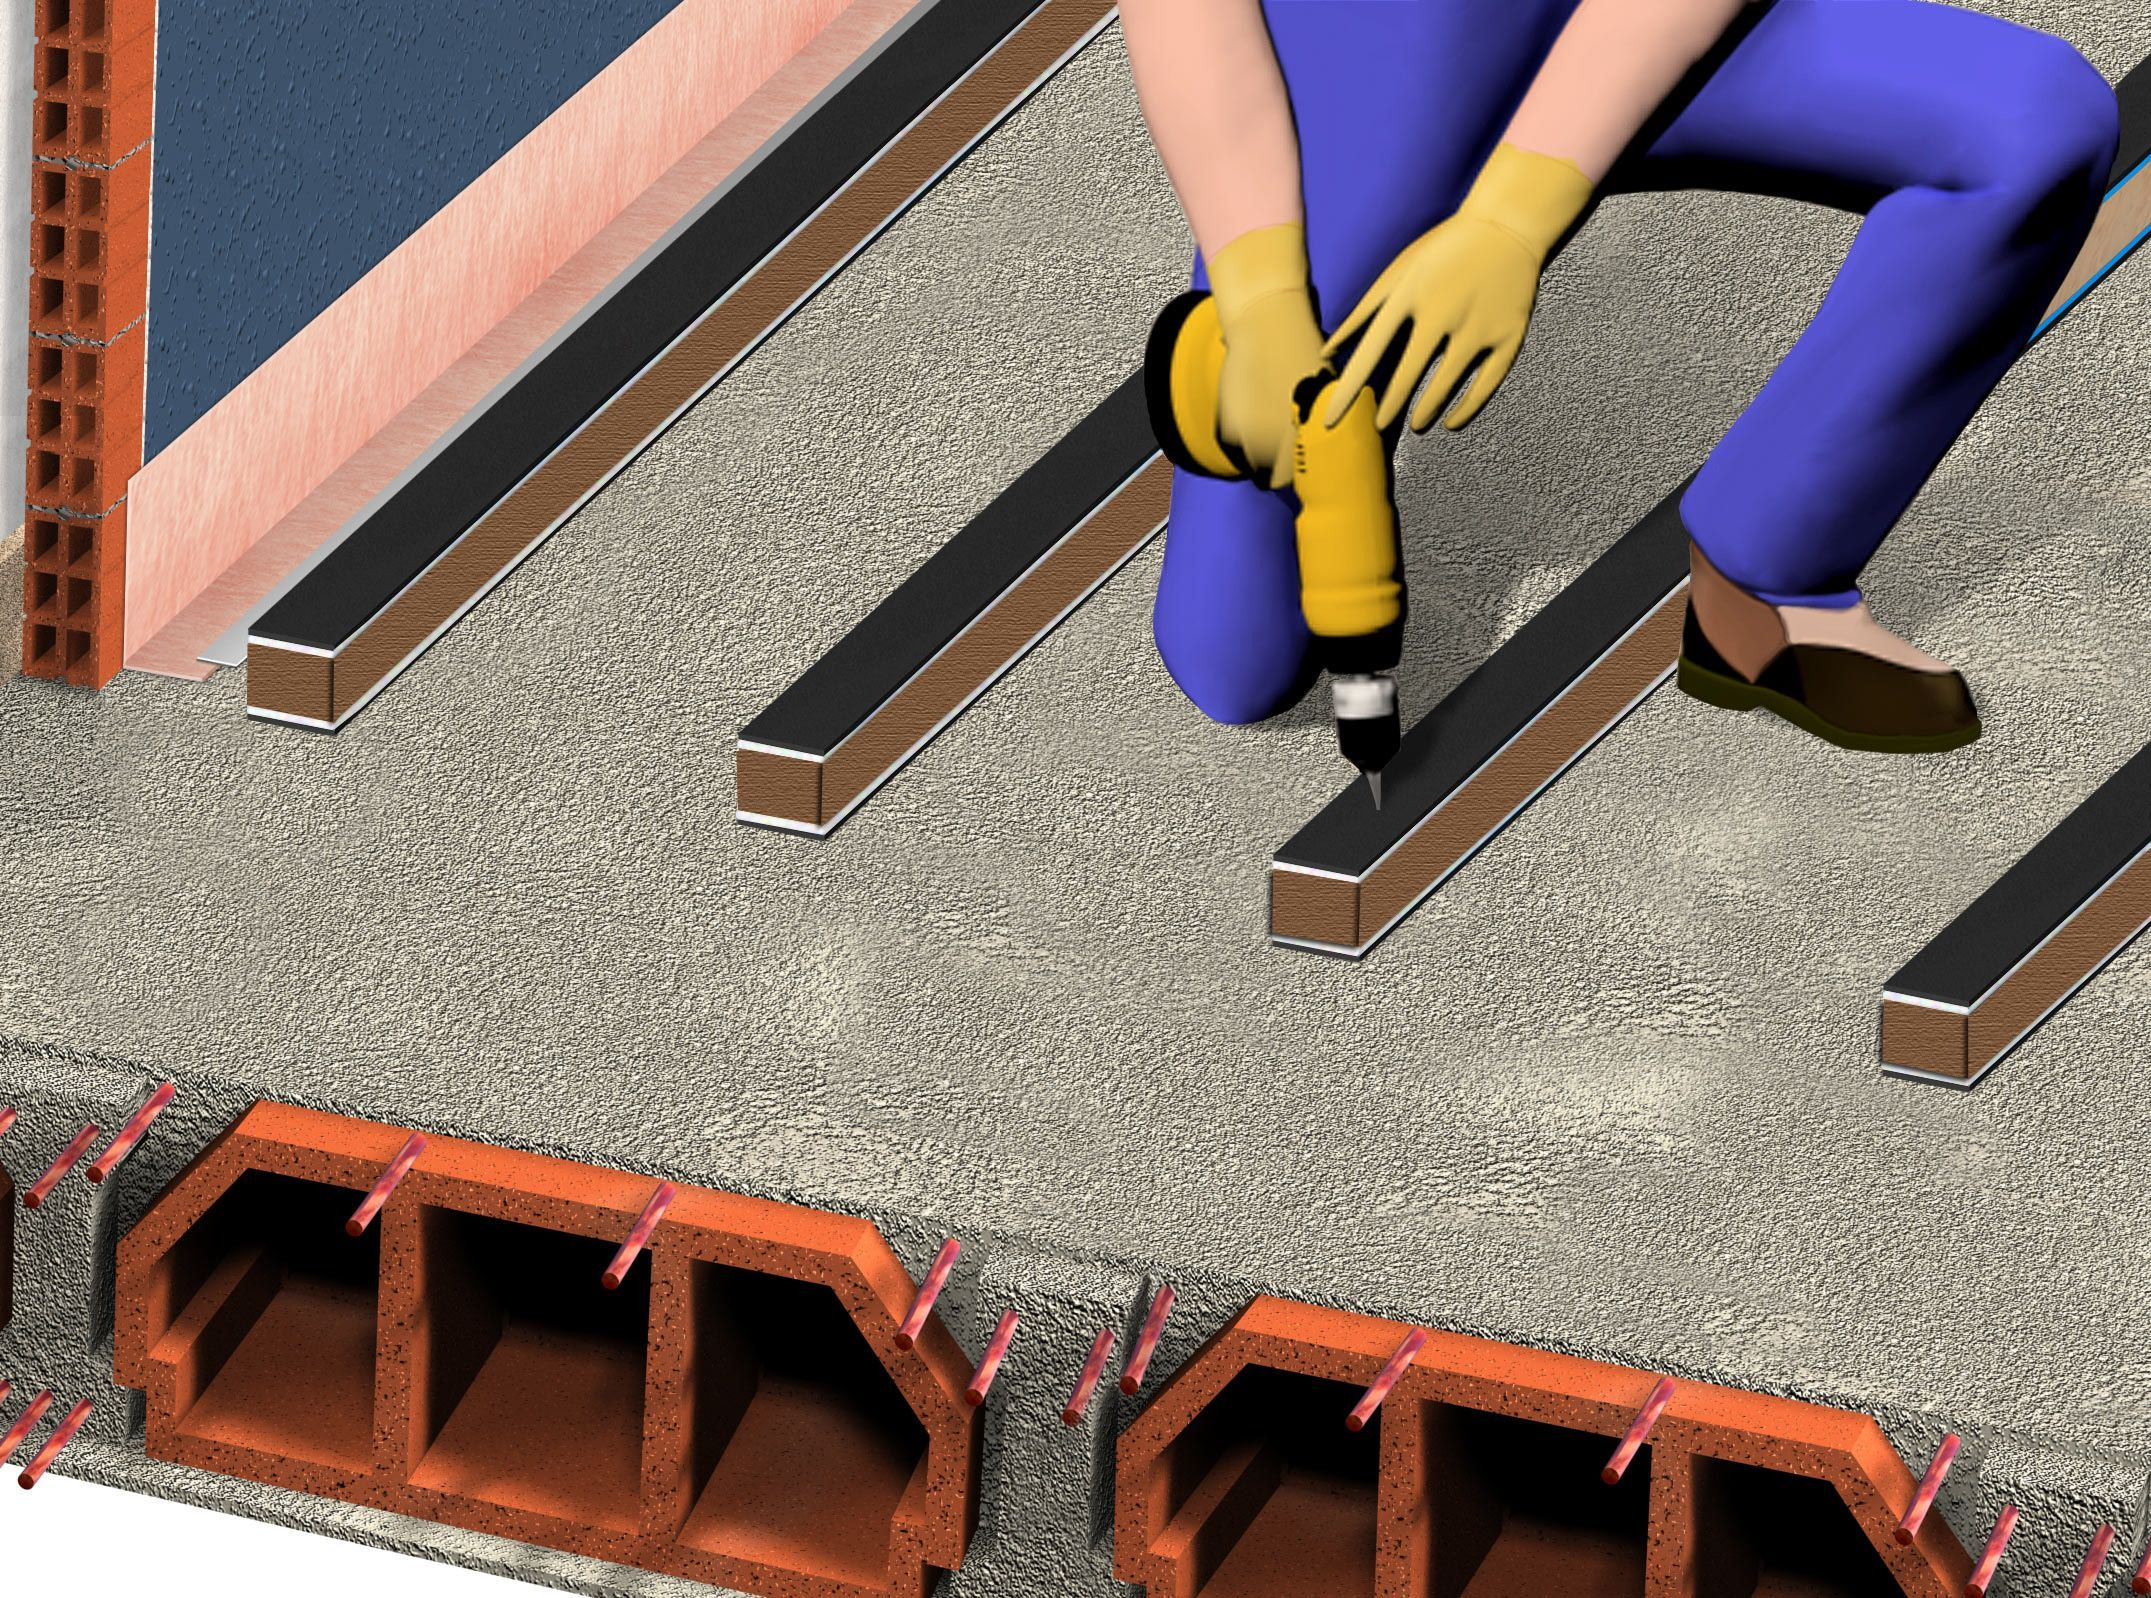 aislamiento-acustico-suelos-sistema2-5R